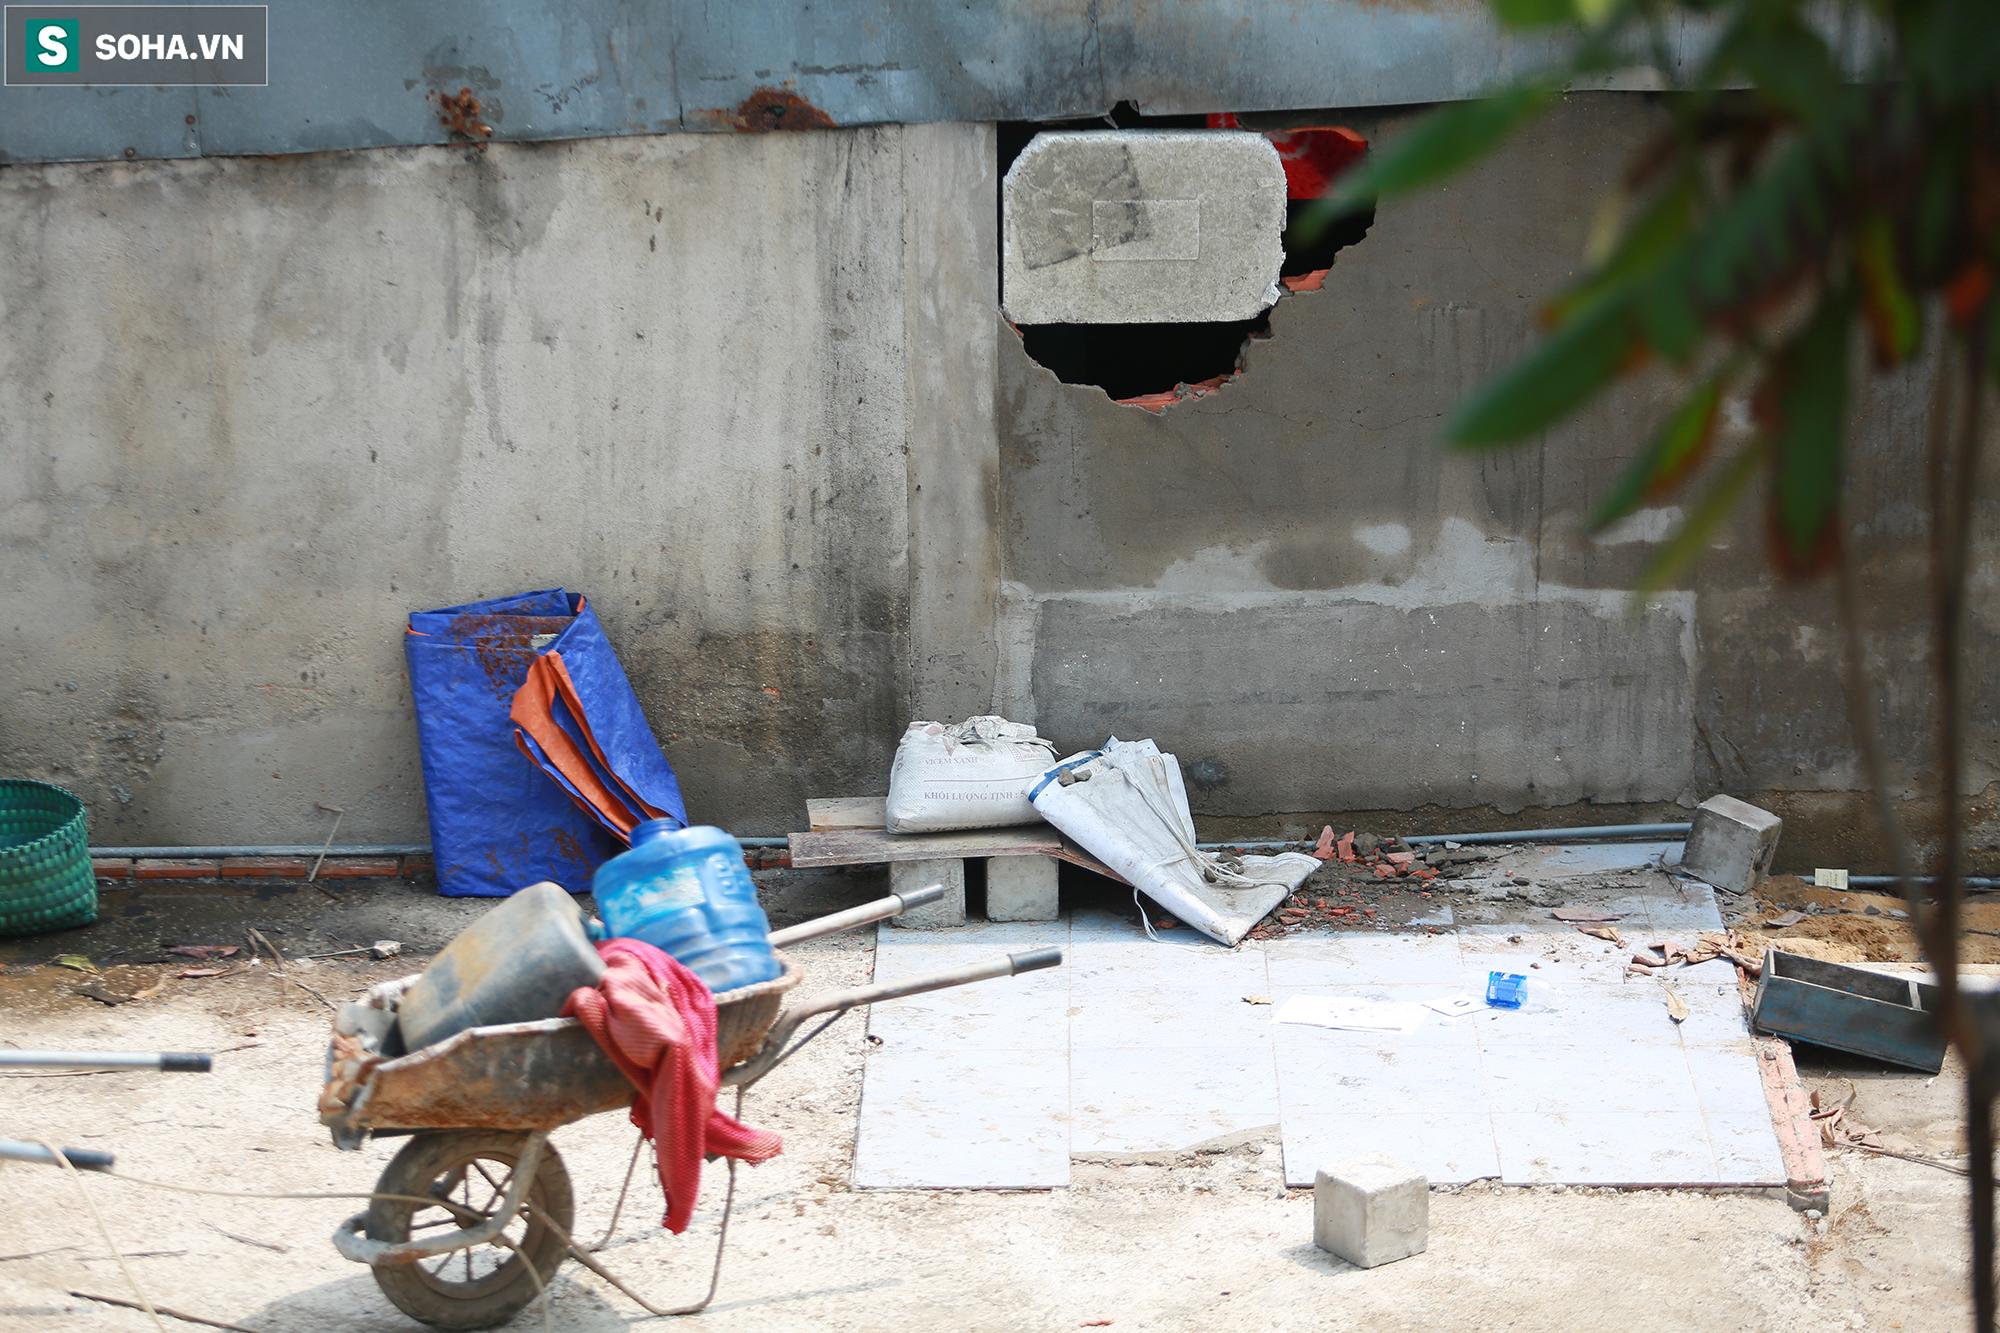 Xót xa hình ảnh còn lại sau đám cháy khiến 6 người trong một gia đình tử vong ở TP.Thủ Đức - Ảnh 8.